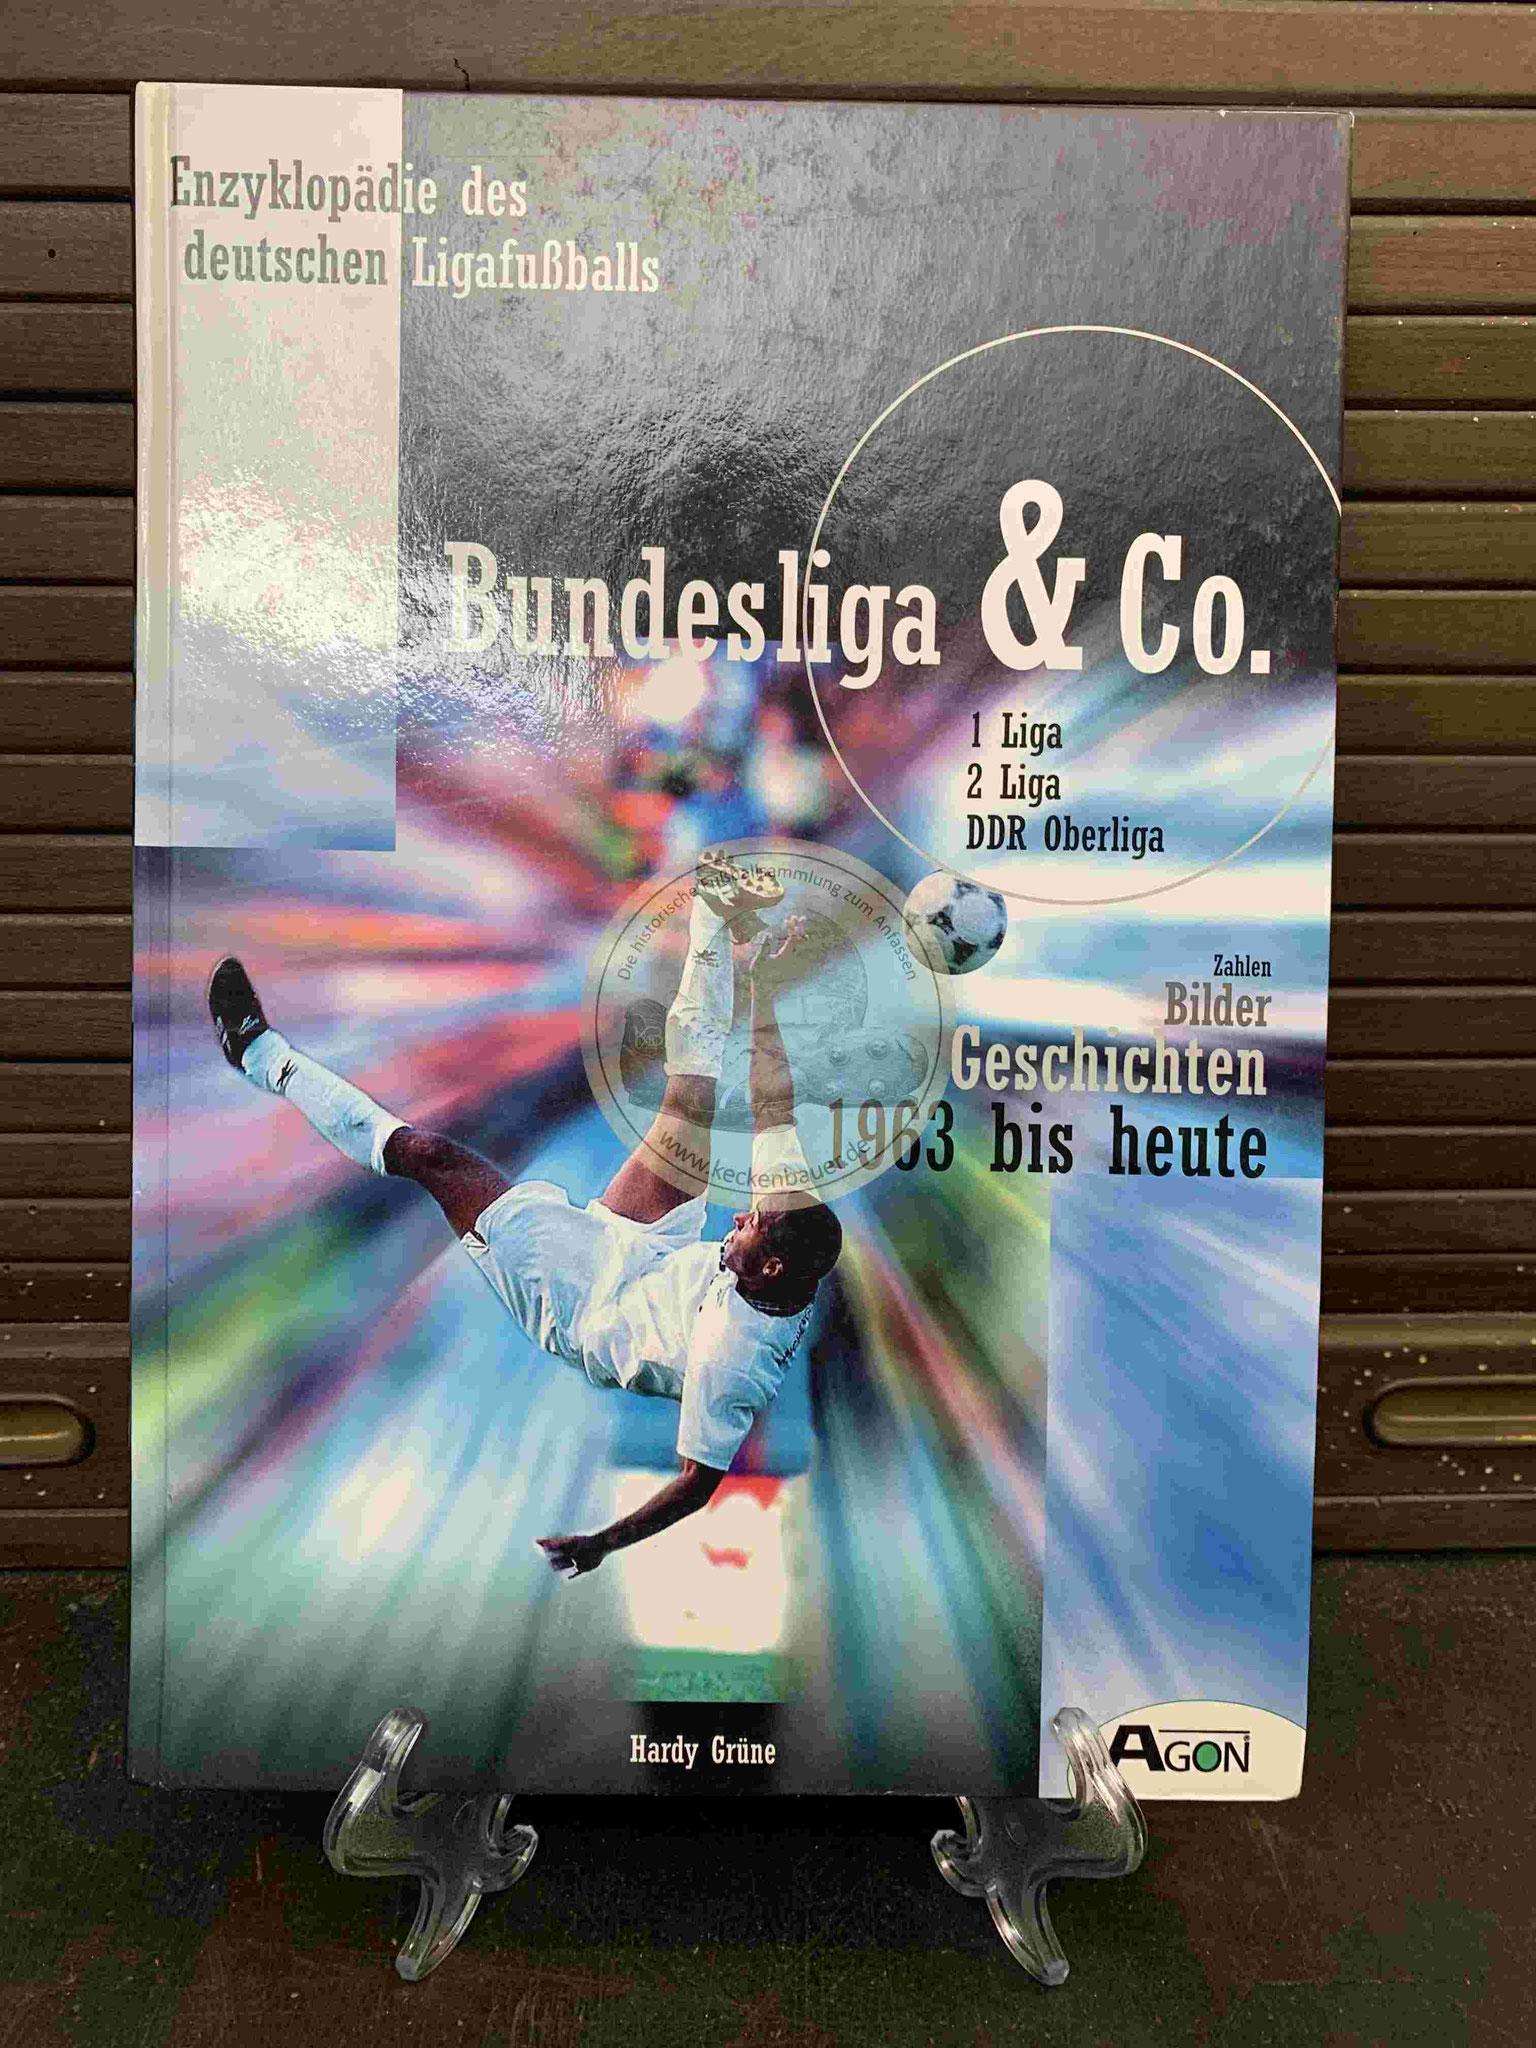 """Enzyklopädie des deutschen Ligafußballs """"Bundesliga & Co"""" aus dem Jahr 1997"""